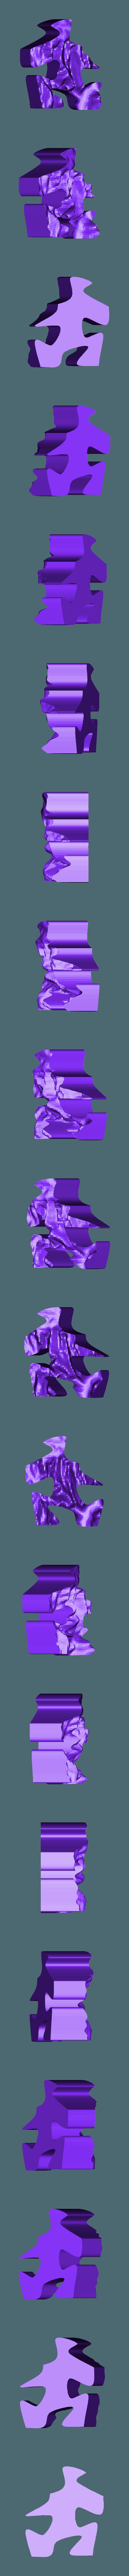 76.stl Télécharger fichier STL gratuit Echelle épique - Terrain - Zion NP • Objet à imprimer en 3D, TCP491016